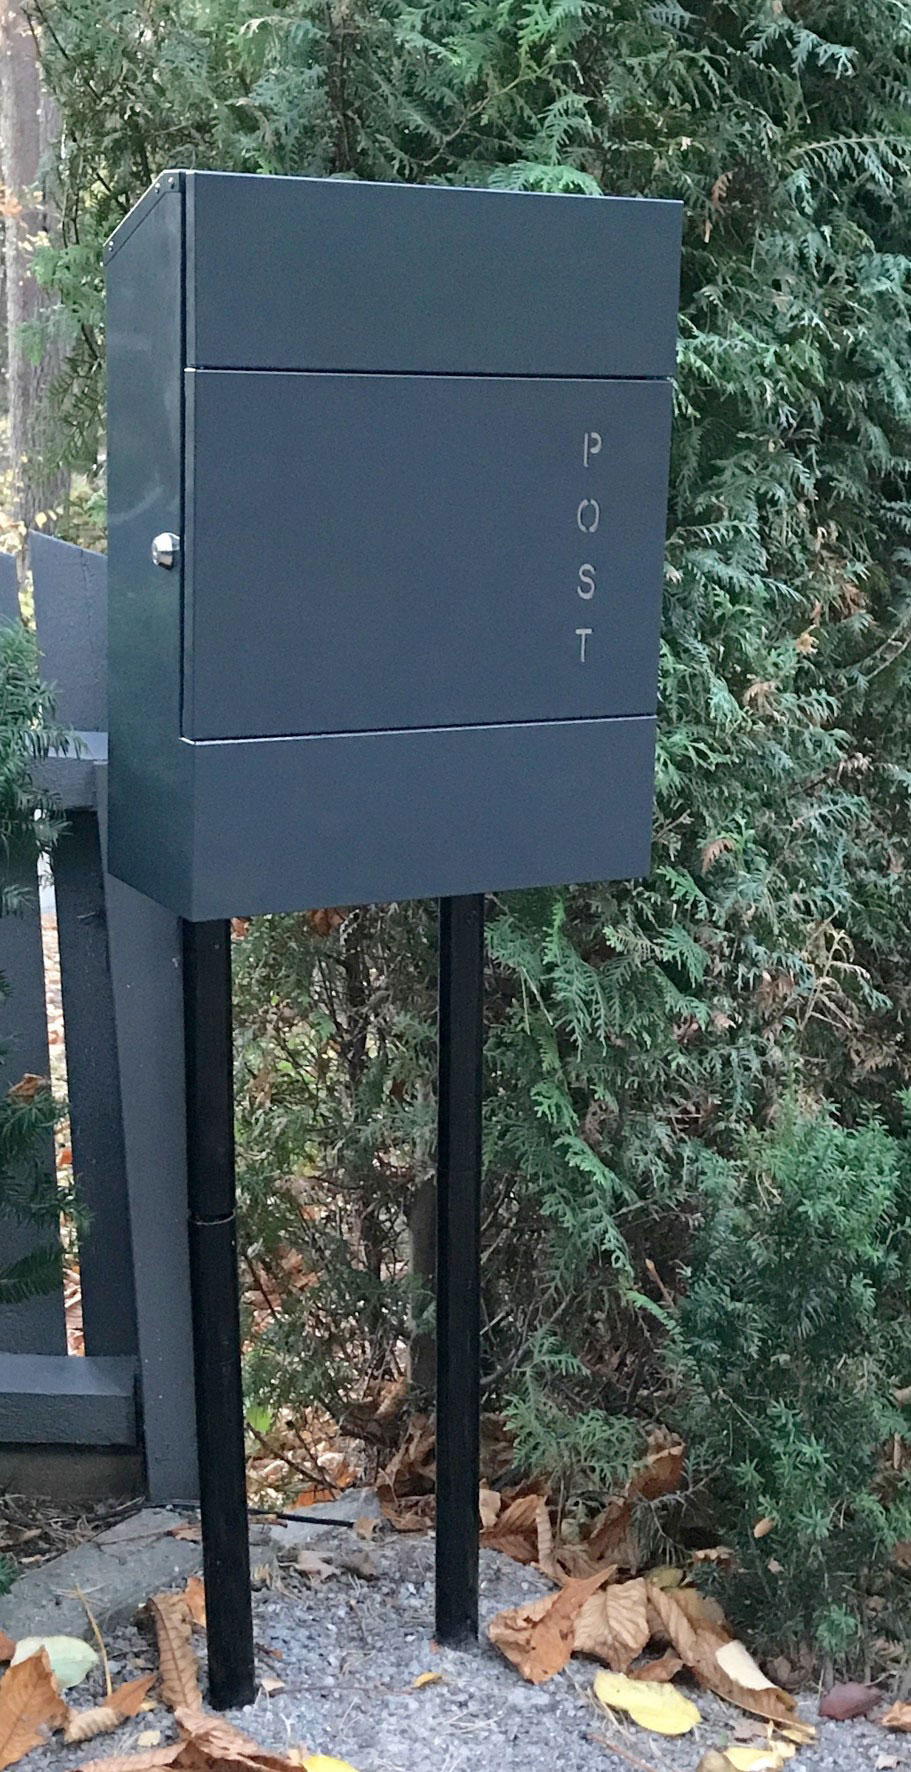 Briefkasten / Postkasten ScanPro 11-9 anthrazitgrau Bild 2